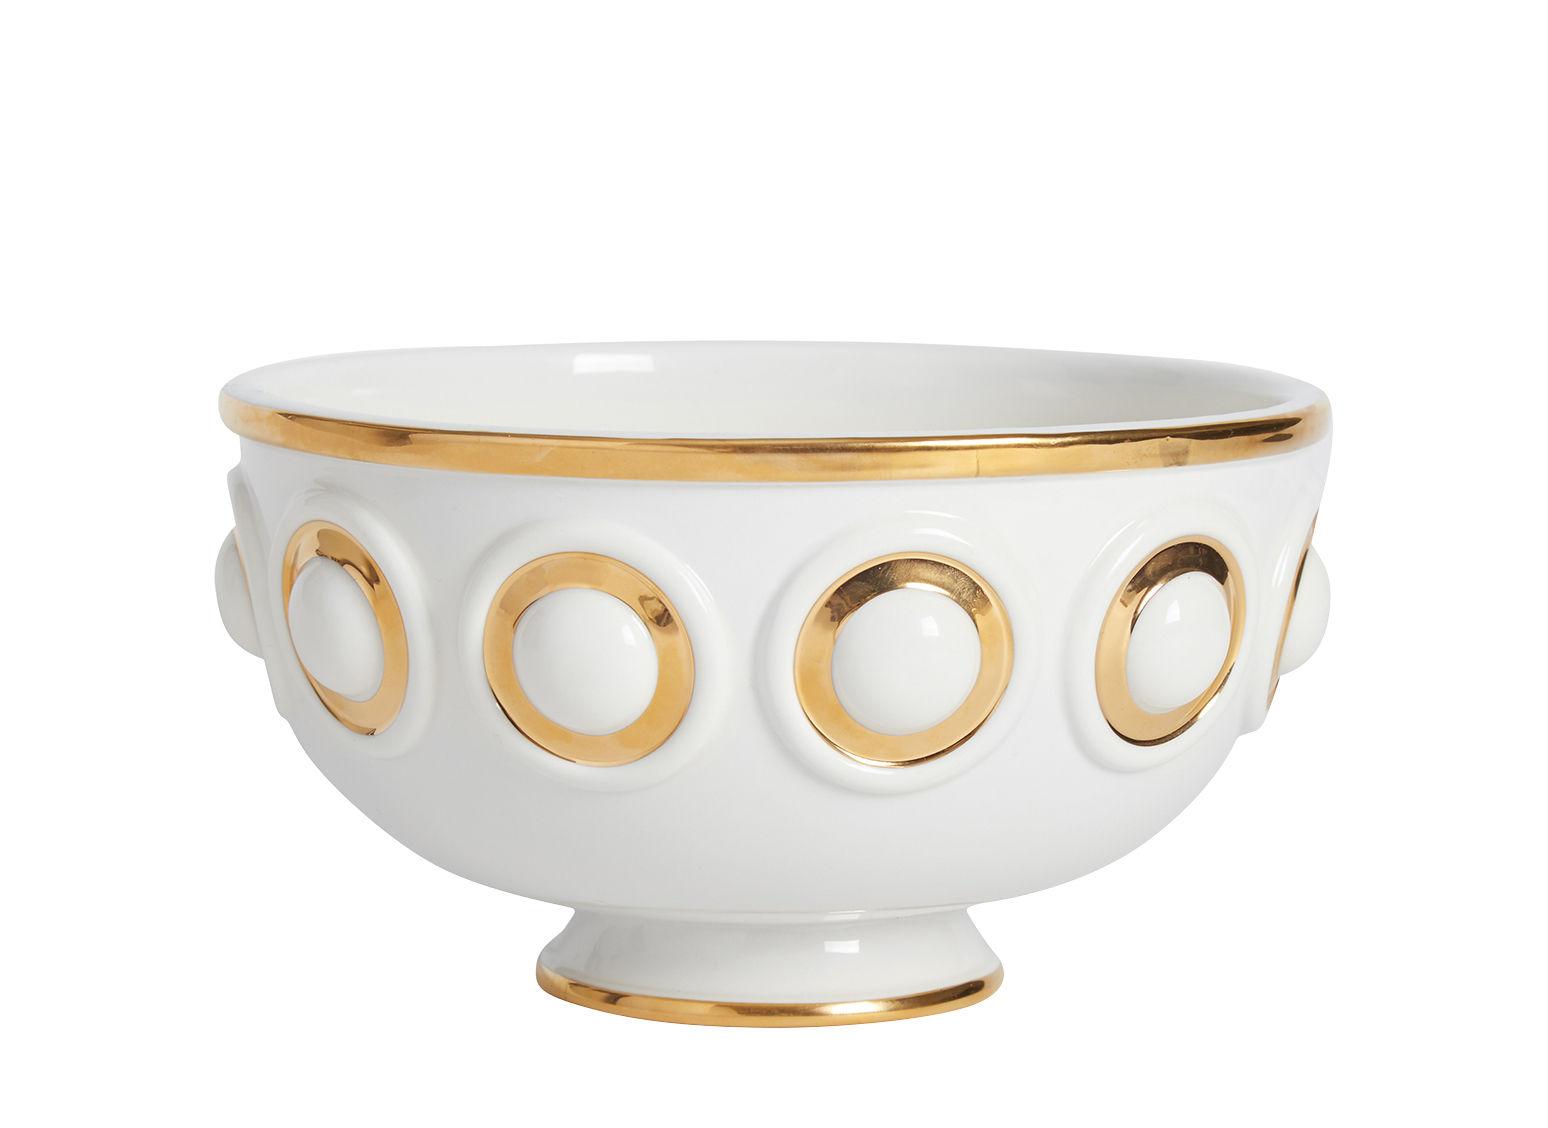 Arts de la table - Saladiers, coupes et bols - Saladier Futura Centerpiece / Porcelaine & or - Ø 24 cm - Jonathan Adler - Blanc & doré - Or, Porcelaine